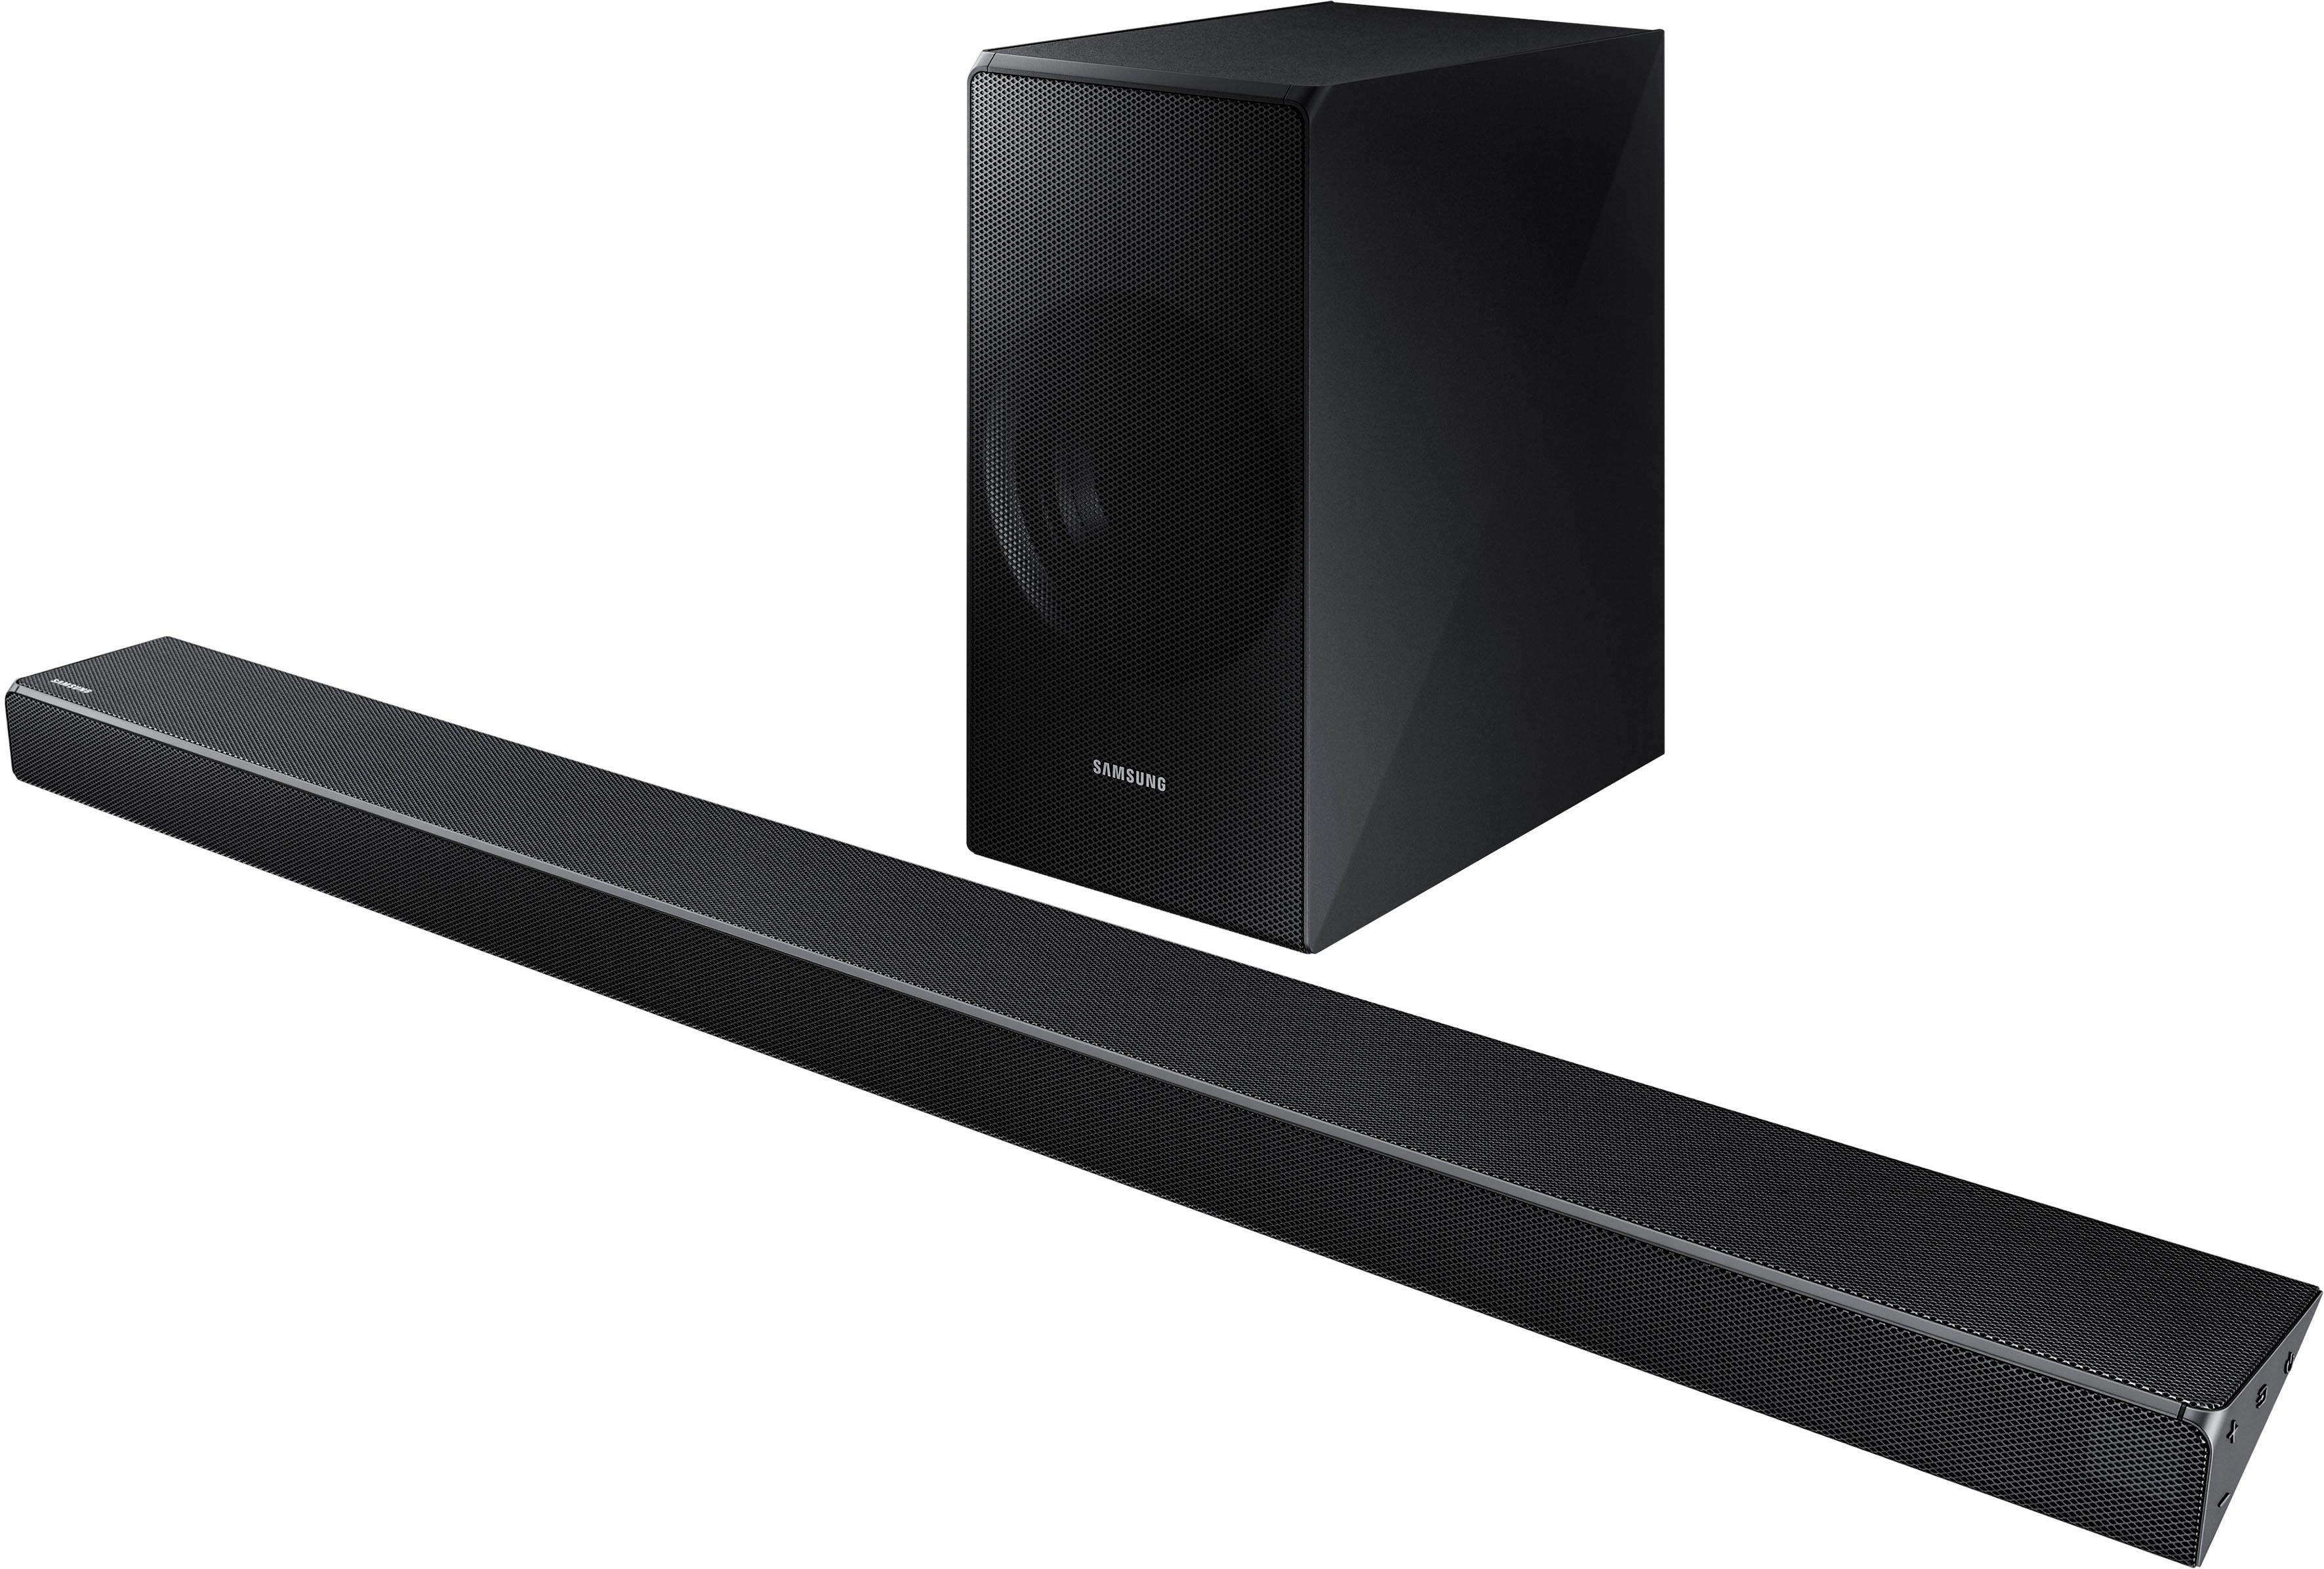 Samsung HW-N650/ZG 5.1 Soundbar (Bluetooth, 360 W)